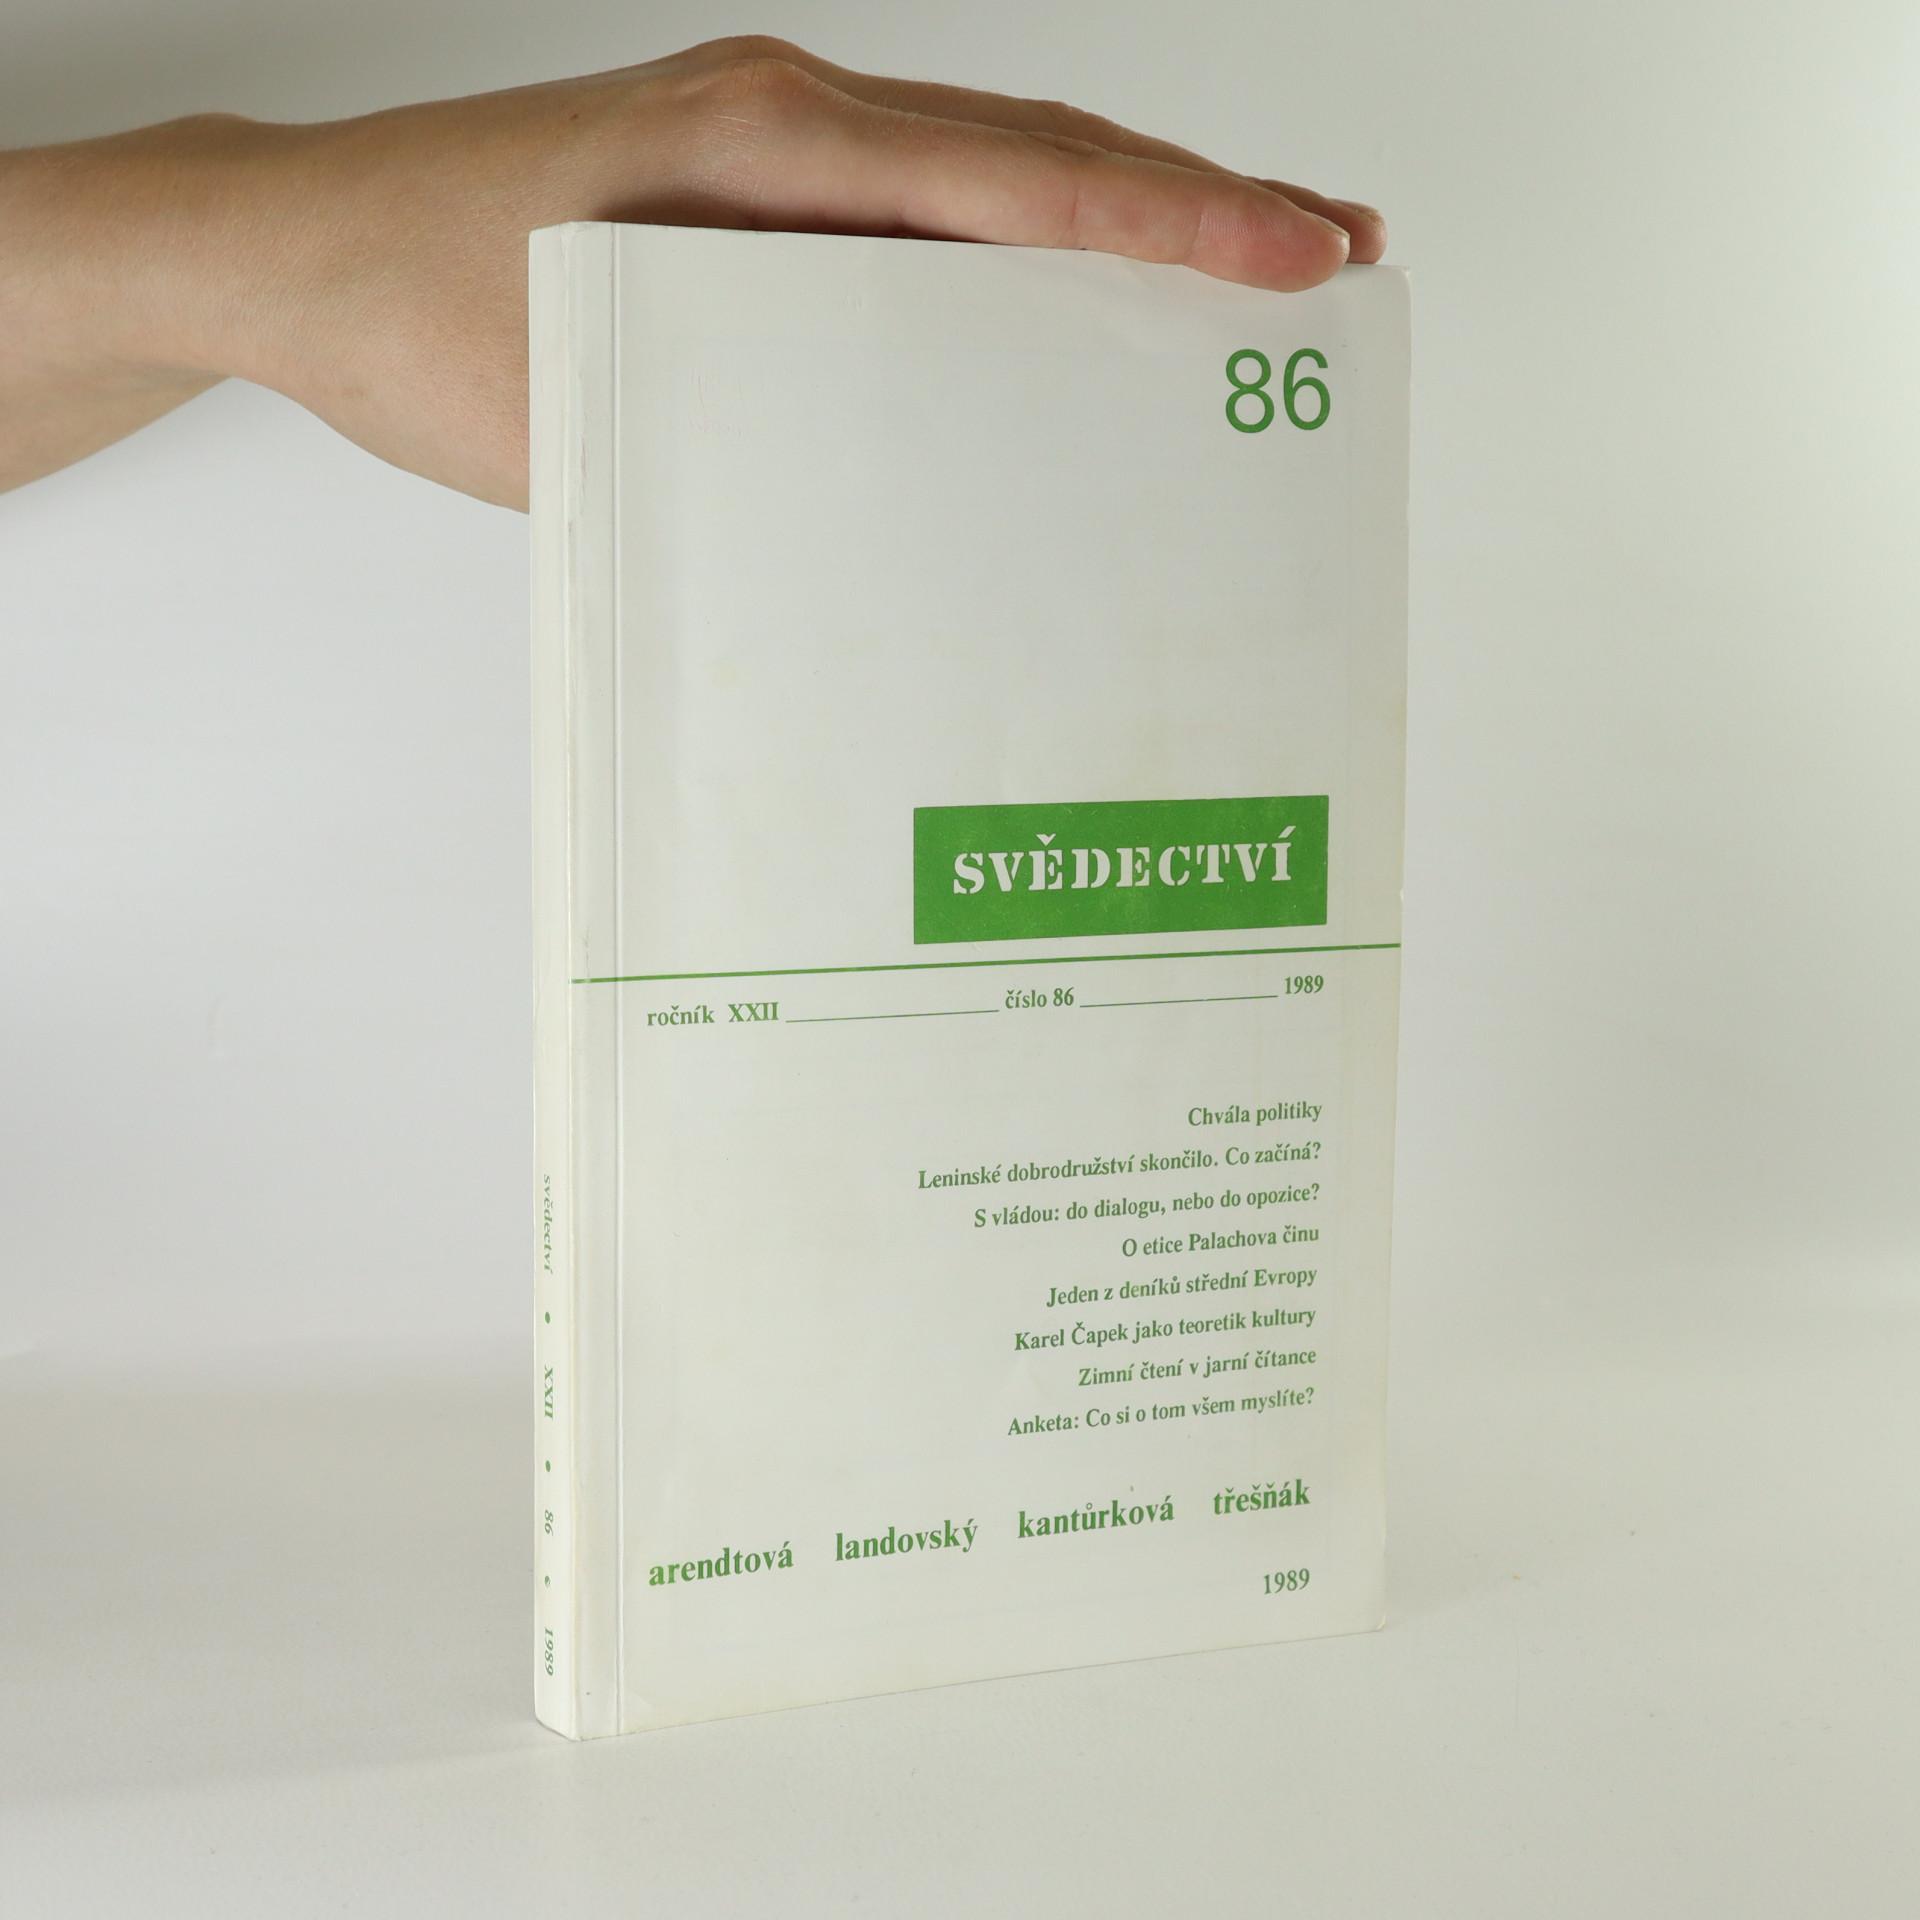 antikvární kniha Svědectví č. 86. Ročník XXII, 1989